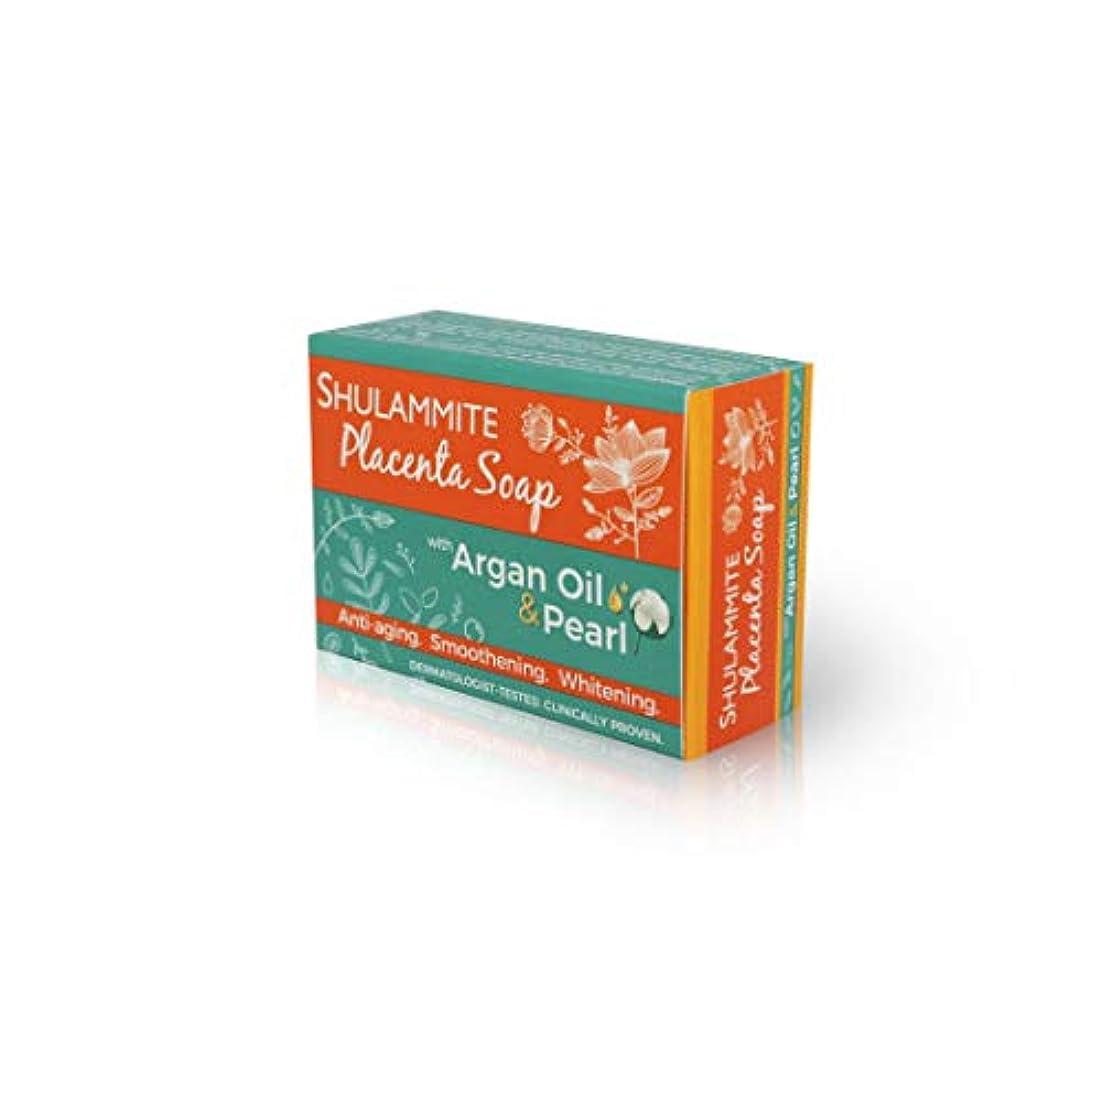 覚えている染色ショットSHULAMMITE Placenta Soap with Argan Oil & Pearl/アルガンオイル&パール配合ソープ150g